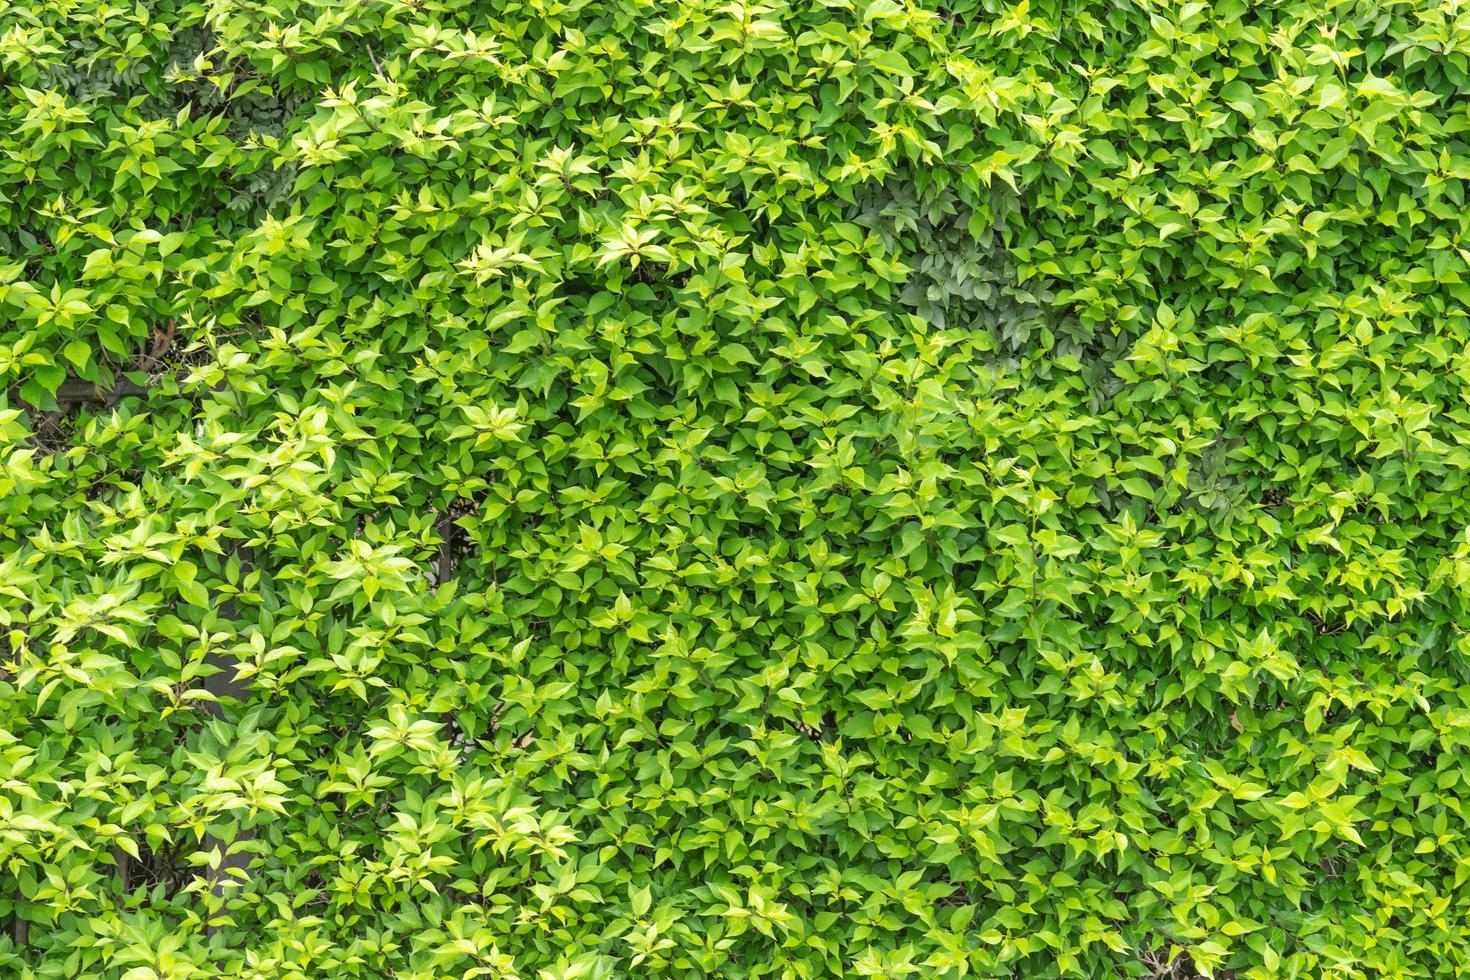 naturlig bakgrund av gröna blad foto